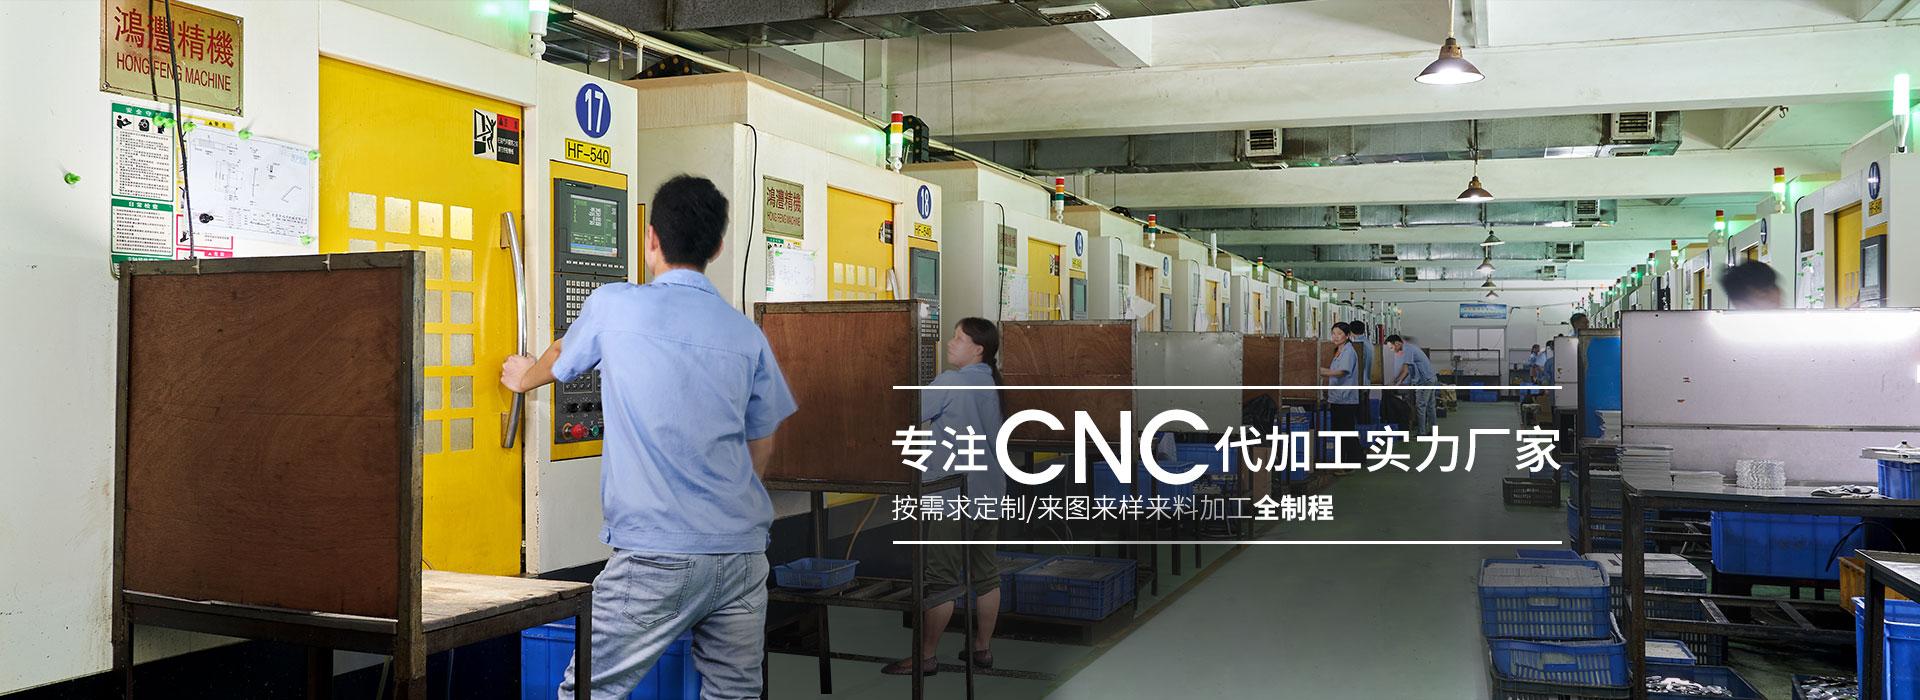 鸿沣机械专注CNC代加工实力厂家